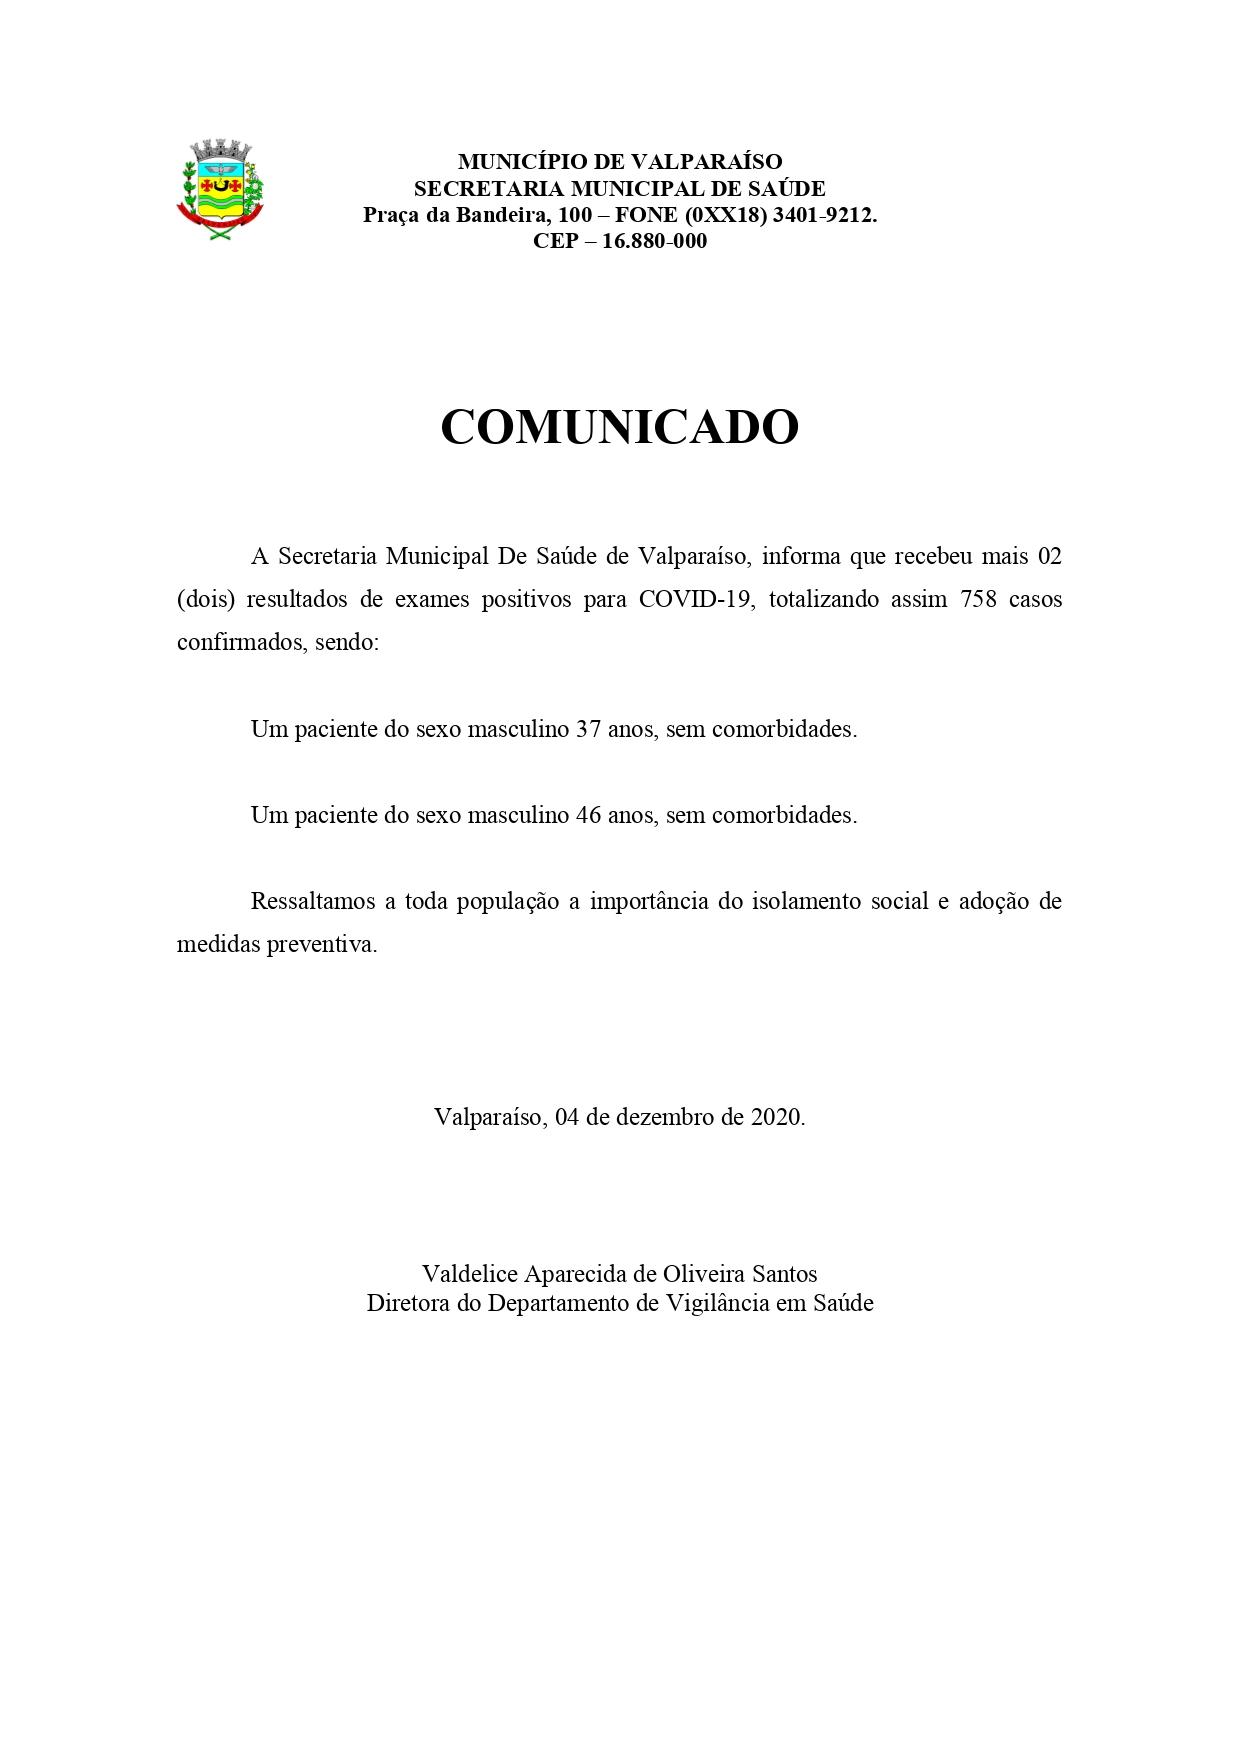 covid758